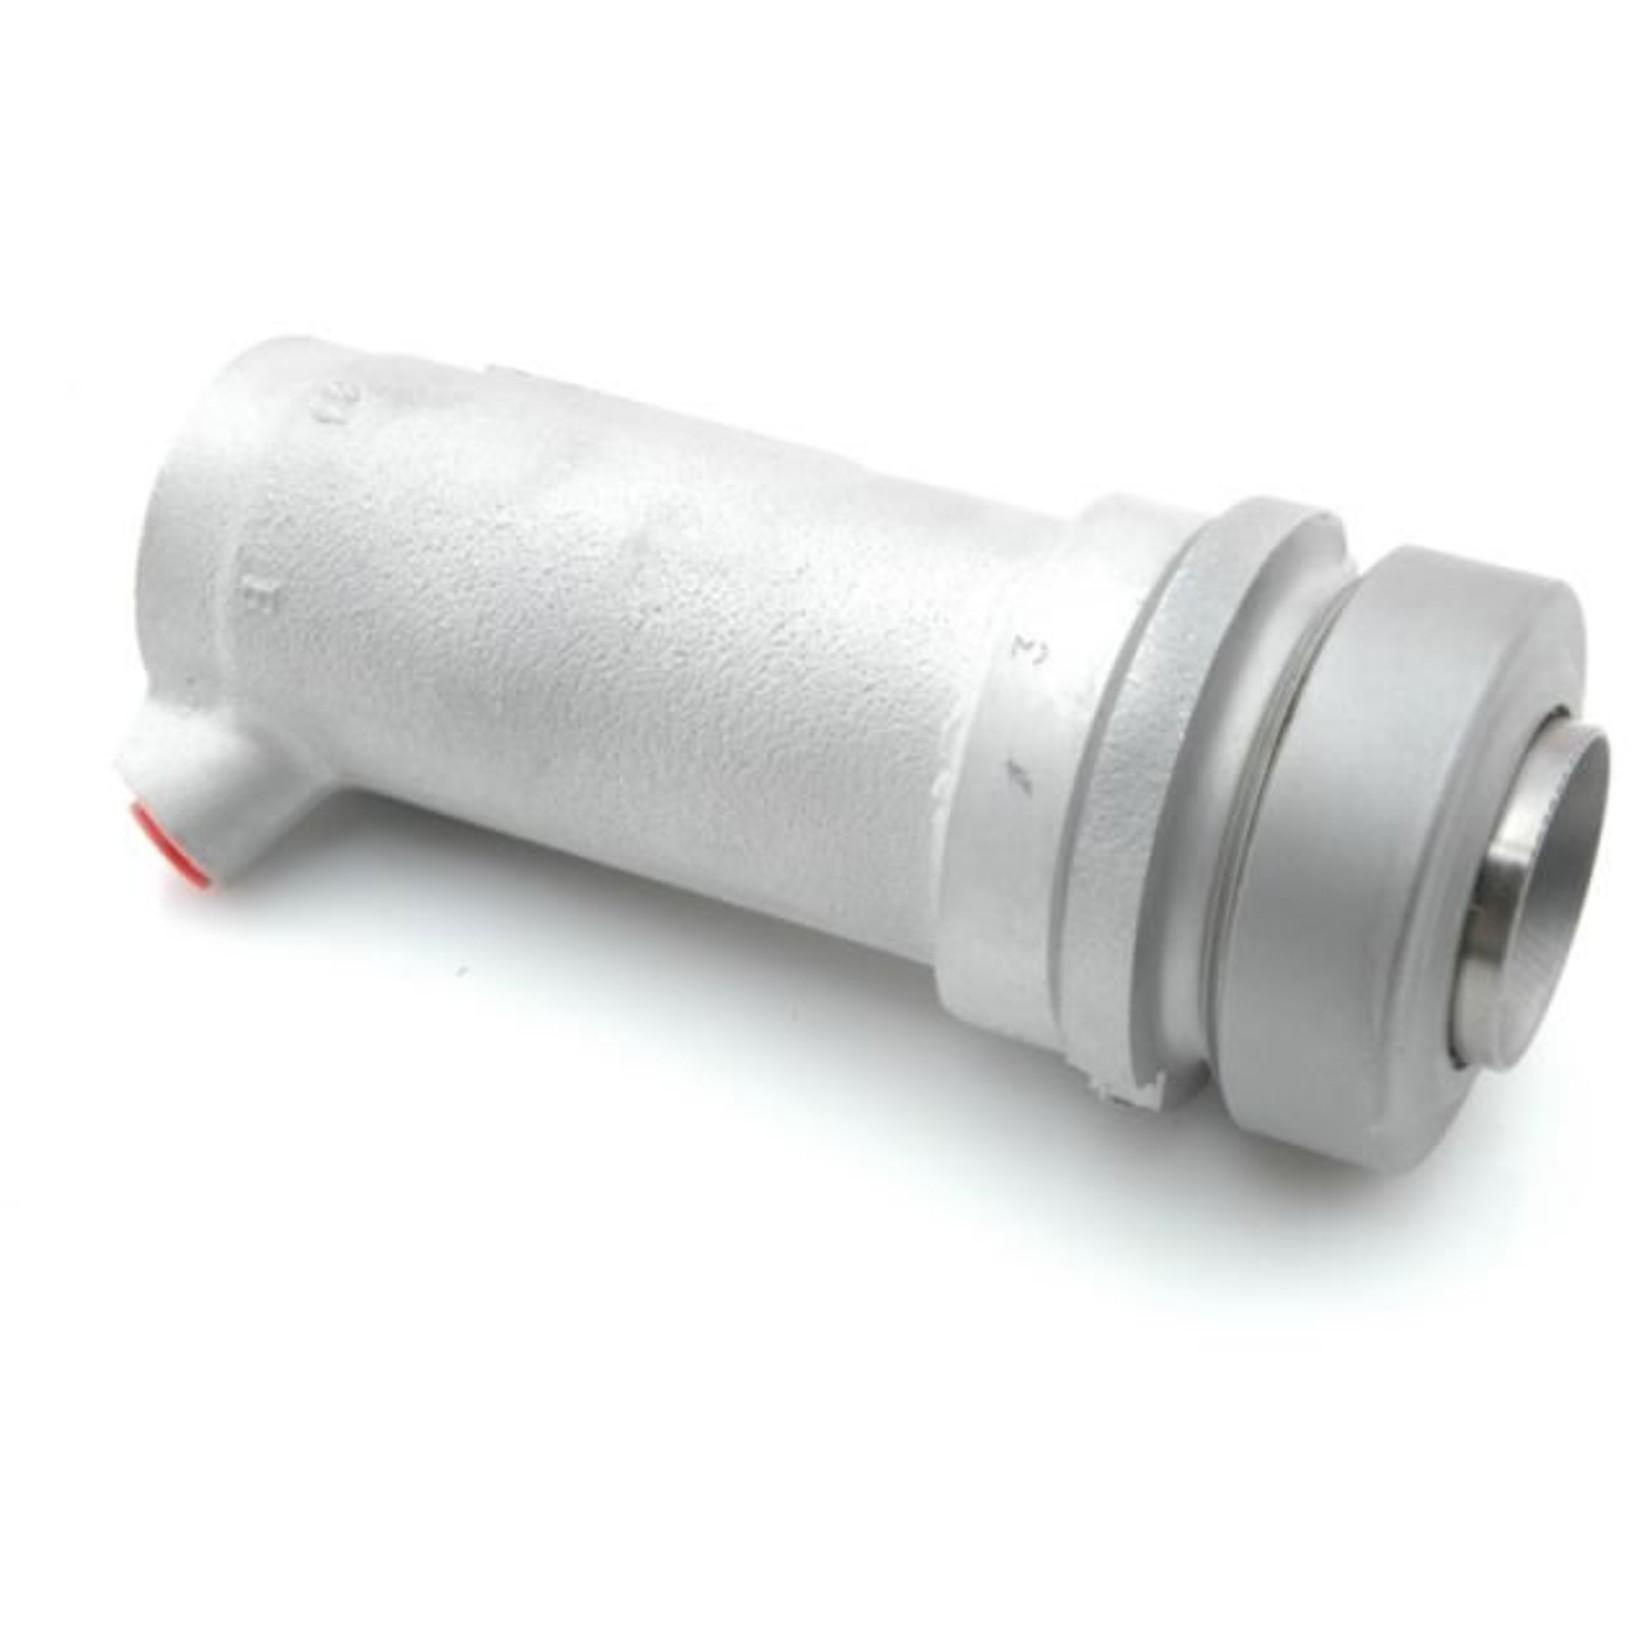 Cylindre suspension avant gauche reconditionnée LHM Nr Org: 5420192